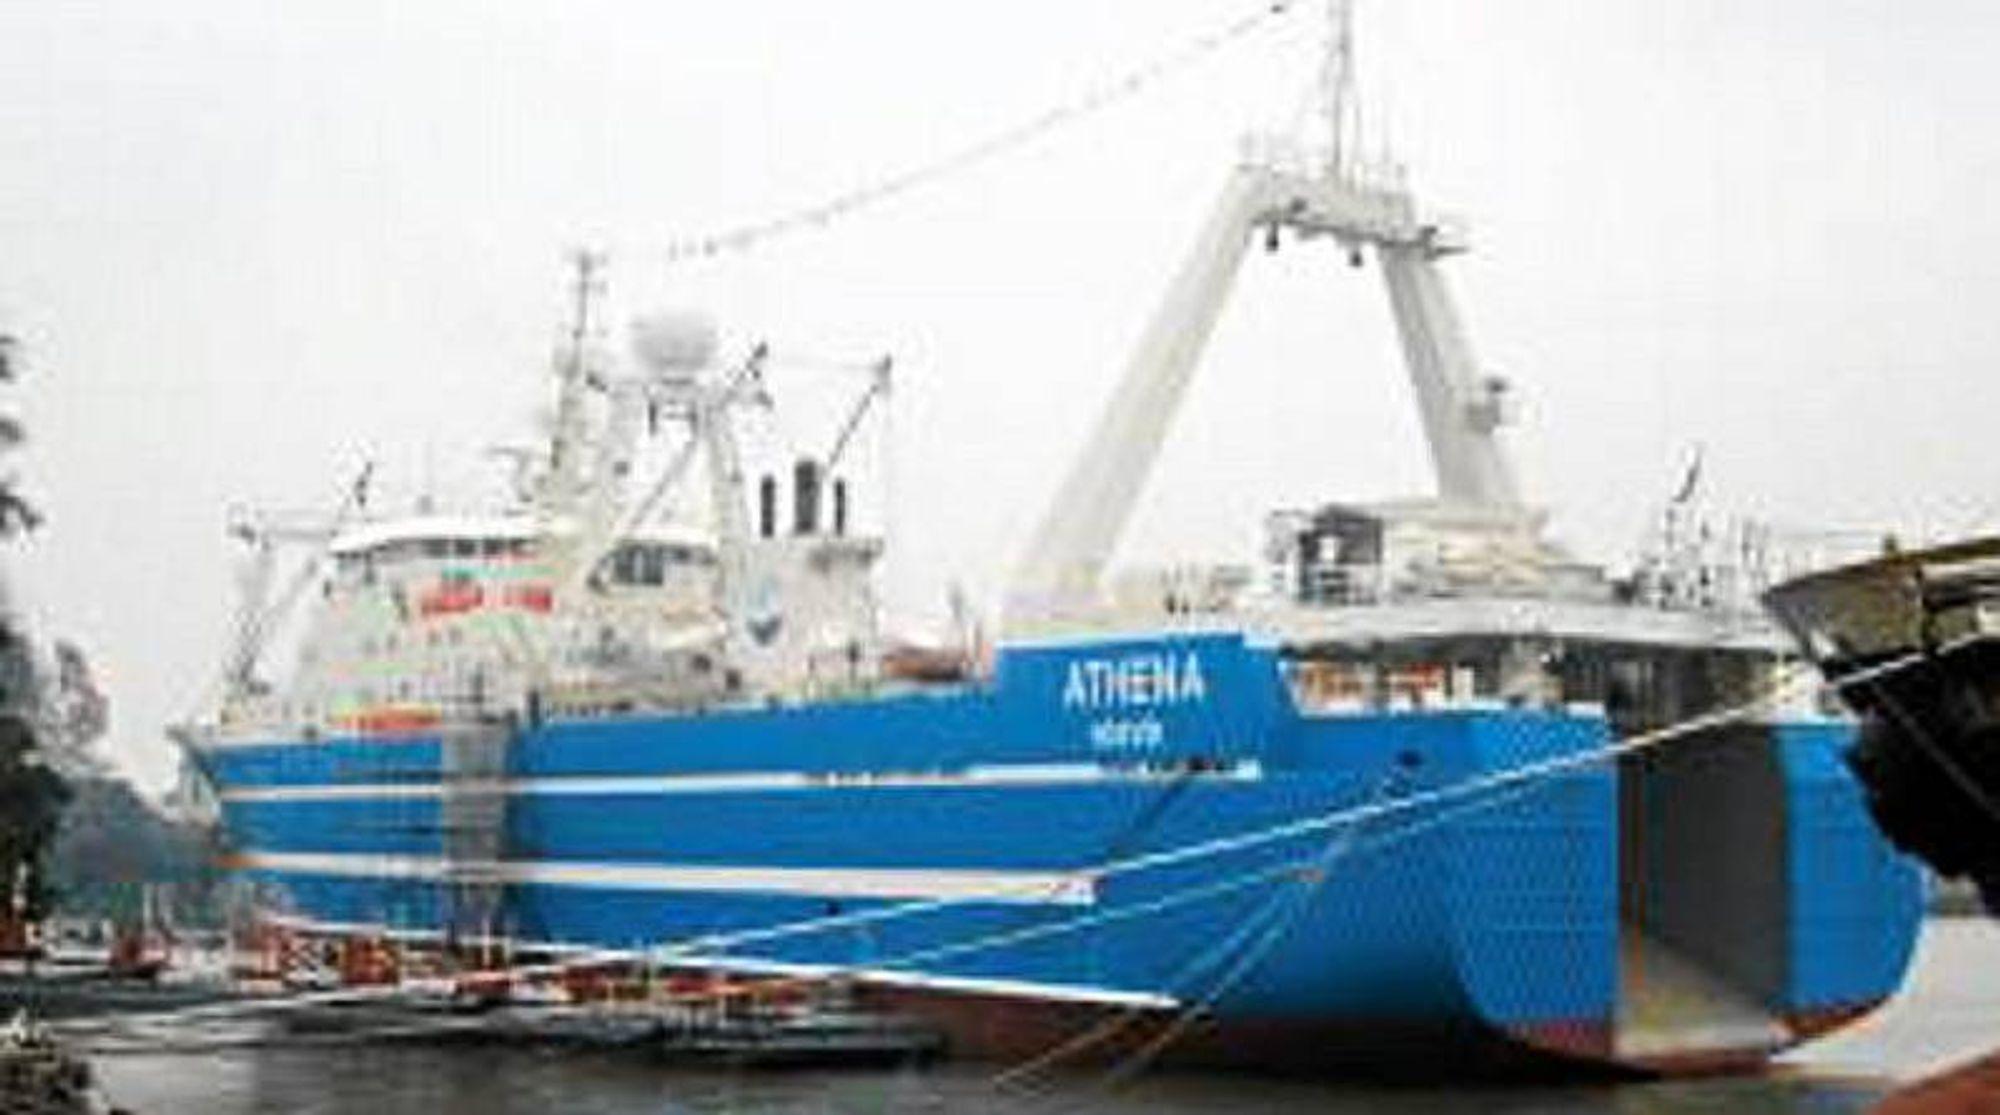 Fabrikktråleren Athena med et mannskap på 111 kom i brann ca. 230 miles sørvest for øya Scilly, sørvest for England.